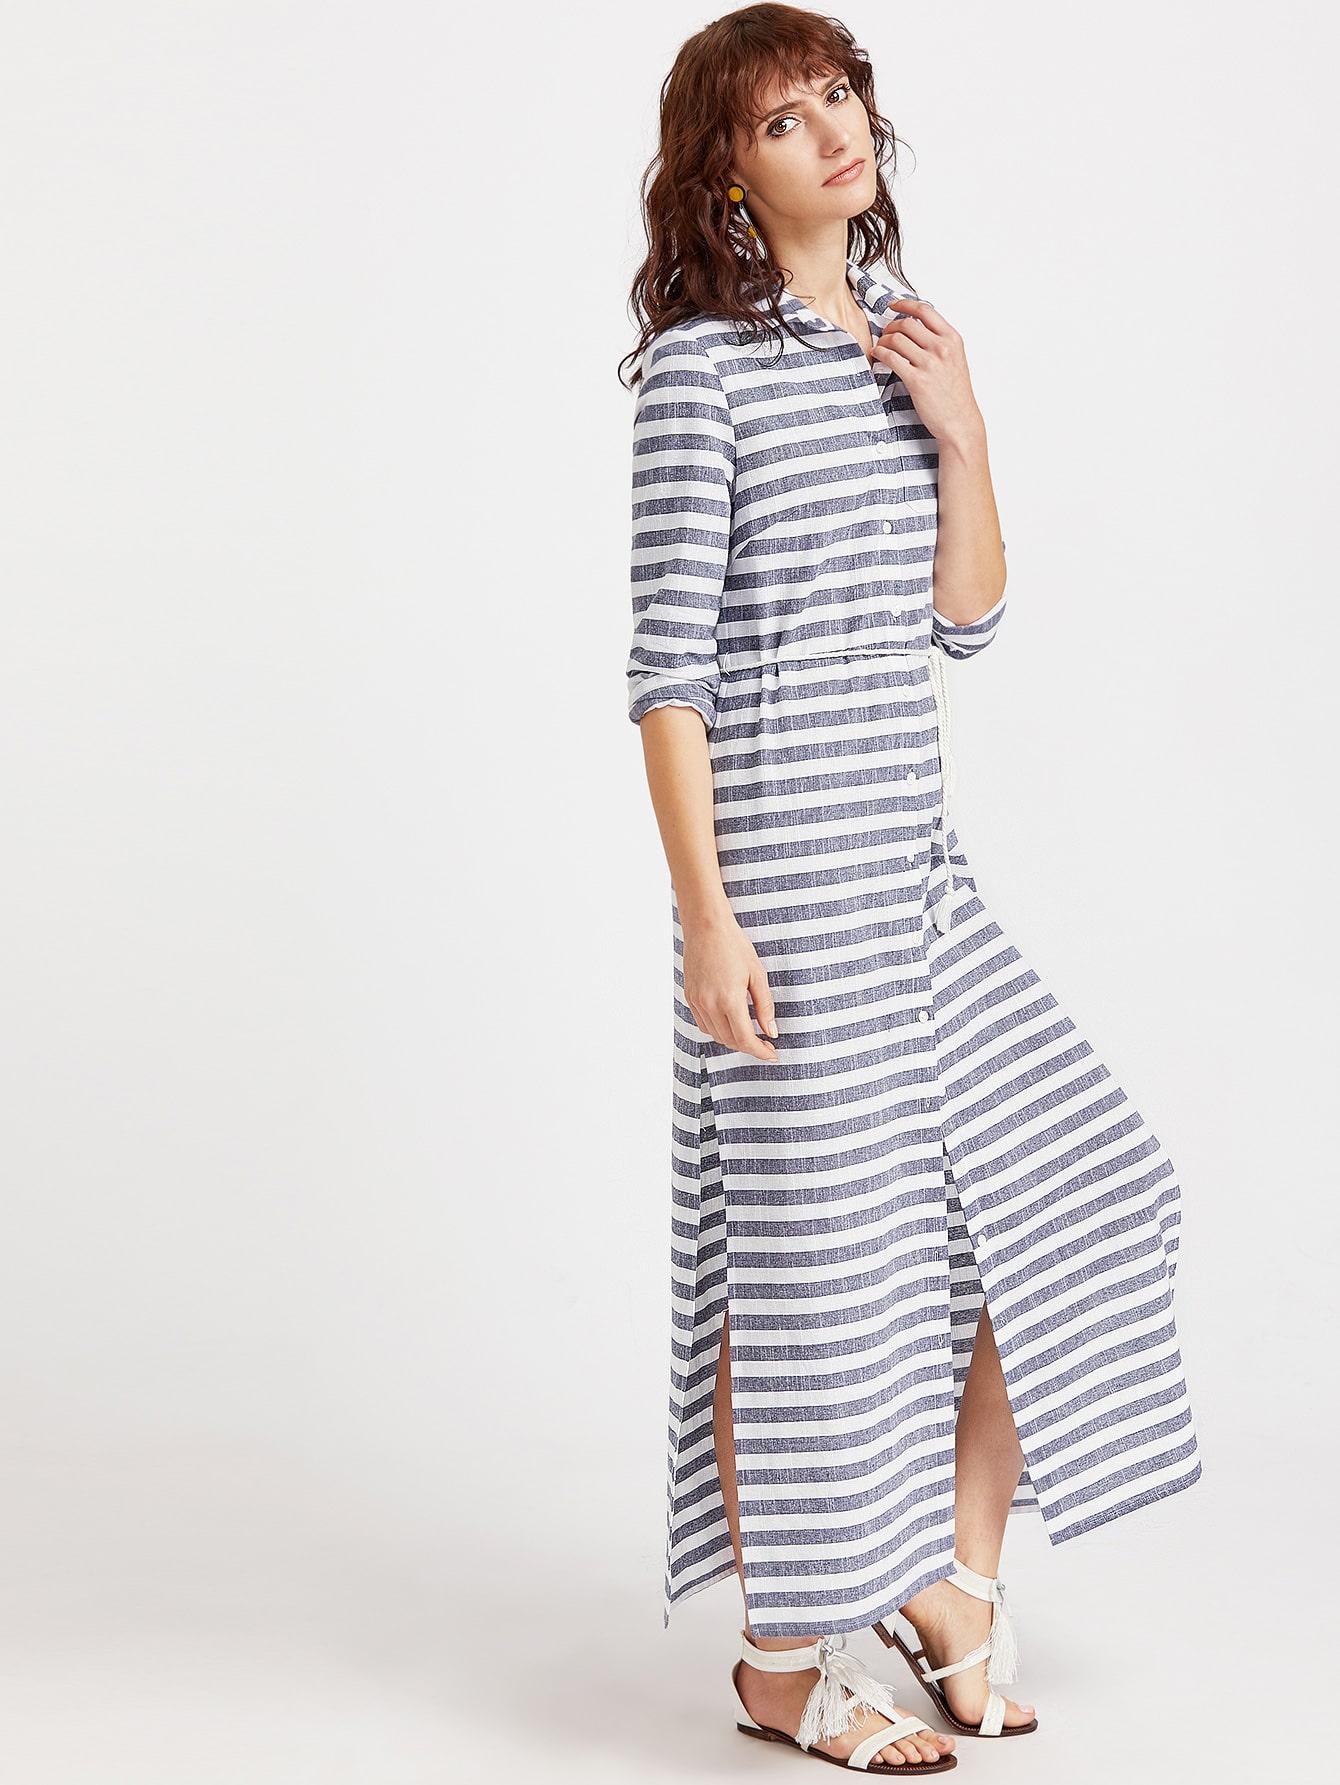 dress170228701_2